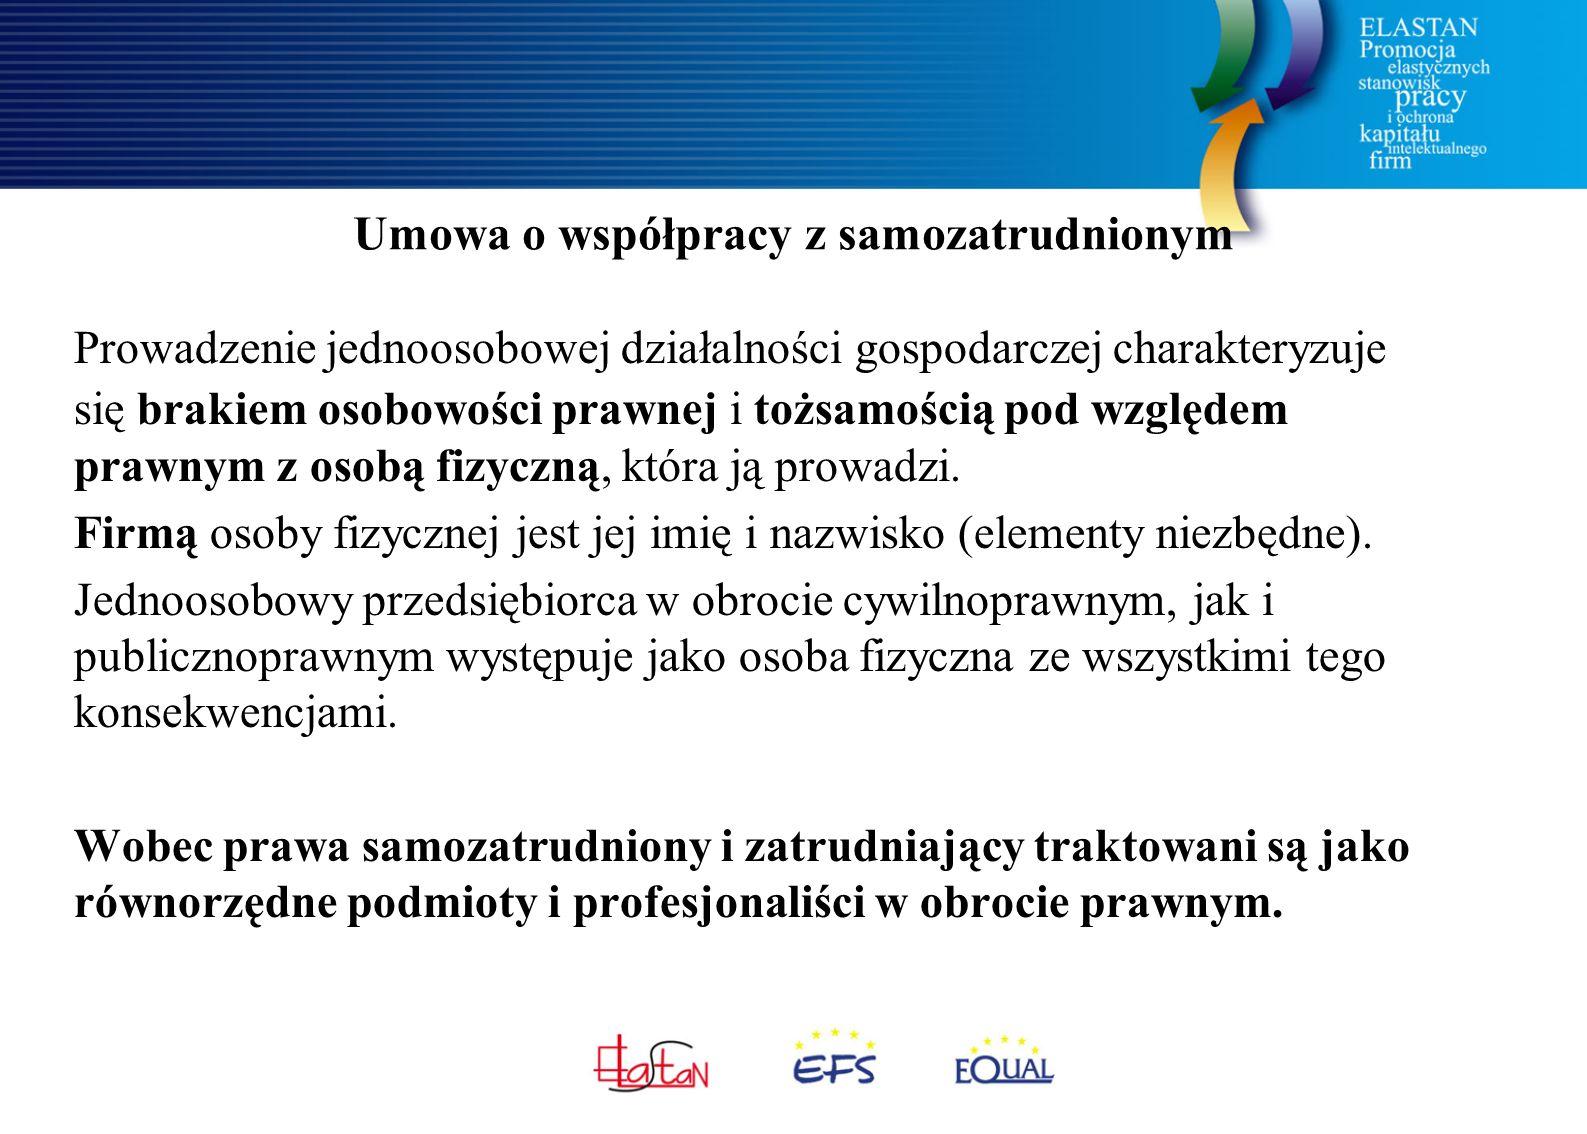 Umowa o współpracy z samozatrudnionym Prowadzenie jednoosobowej działalności gospodarczej charakteryzuje się brakiem osobowości prawnej i tożsamością